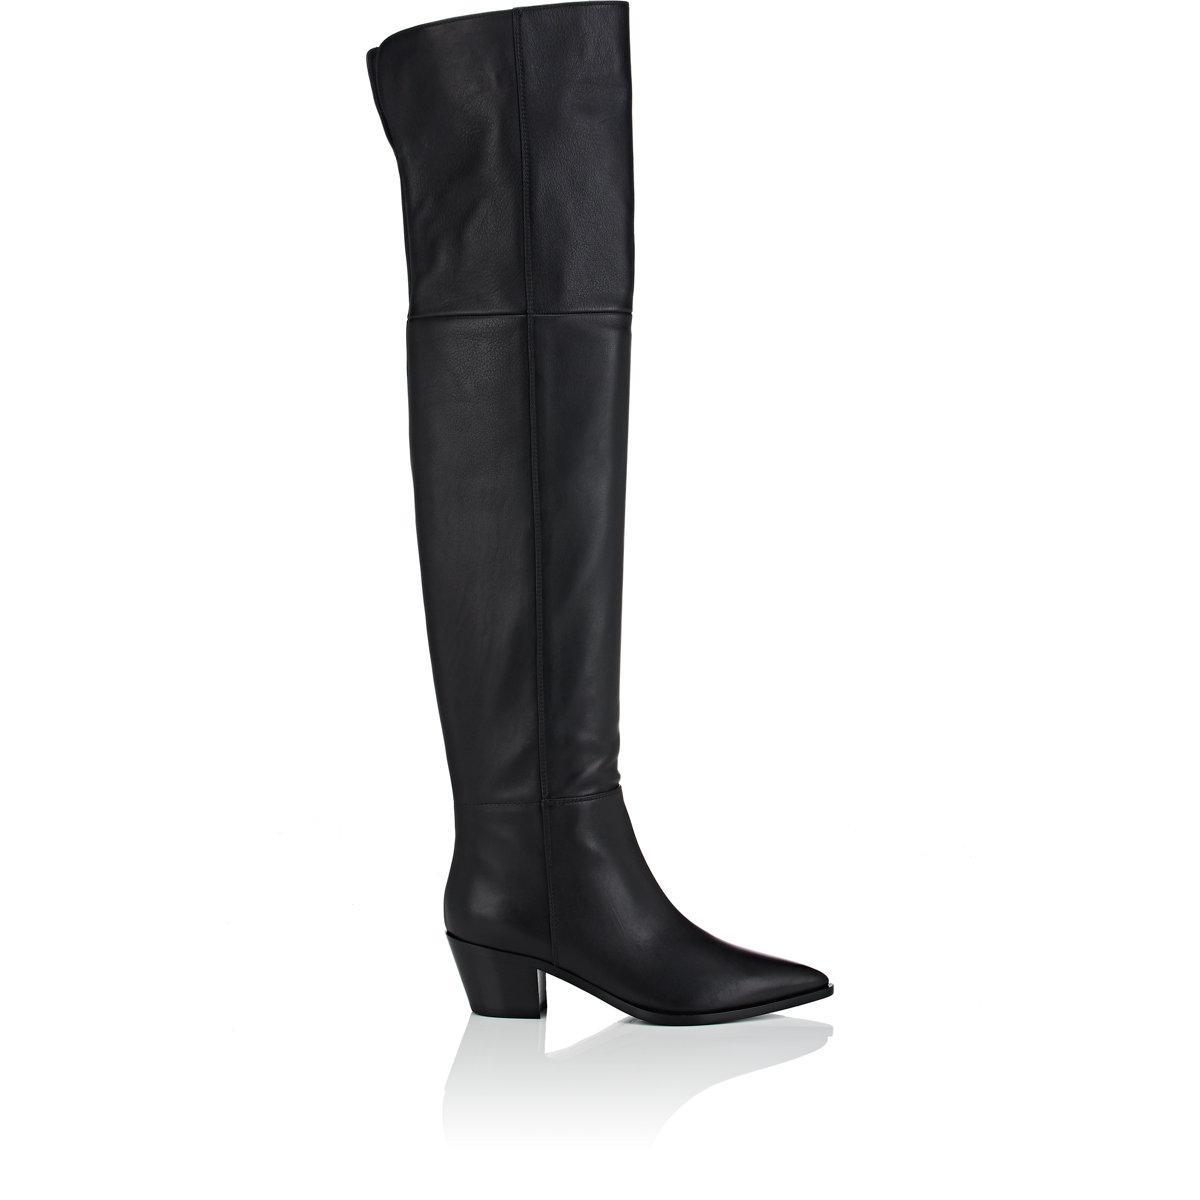 Gianvito RossiDaenerys Knee-High Boots LzppSas6H